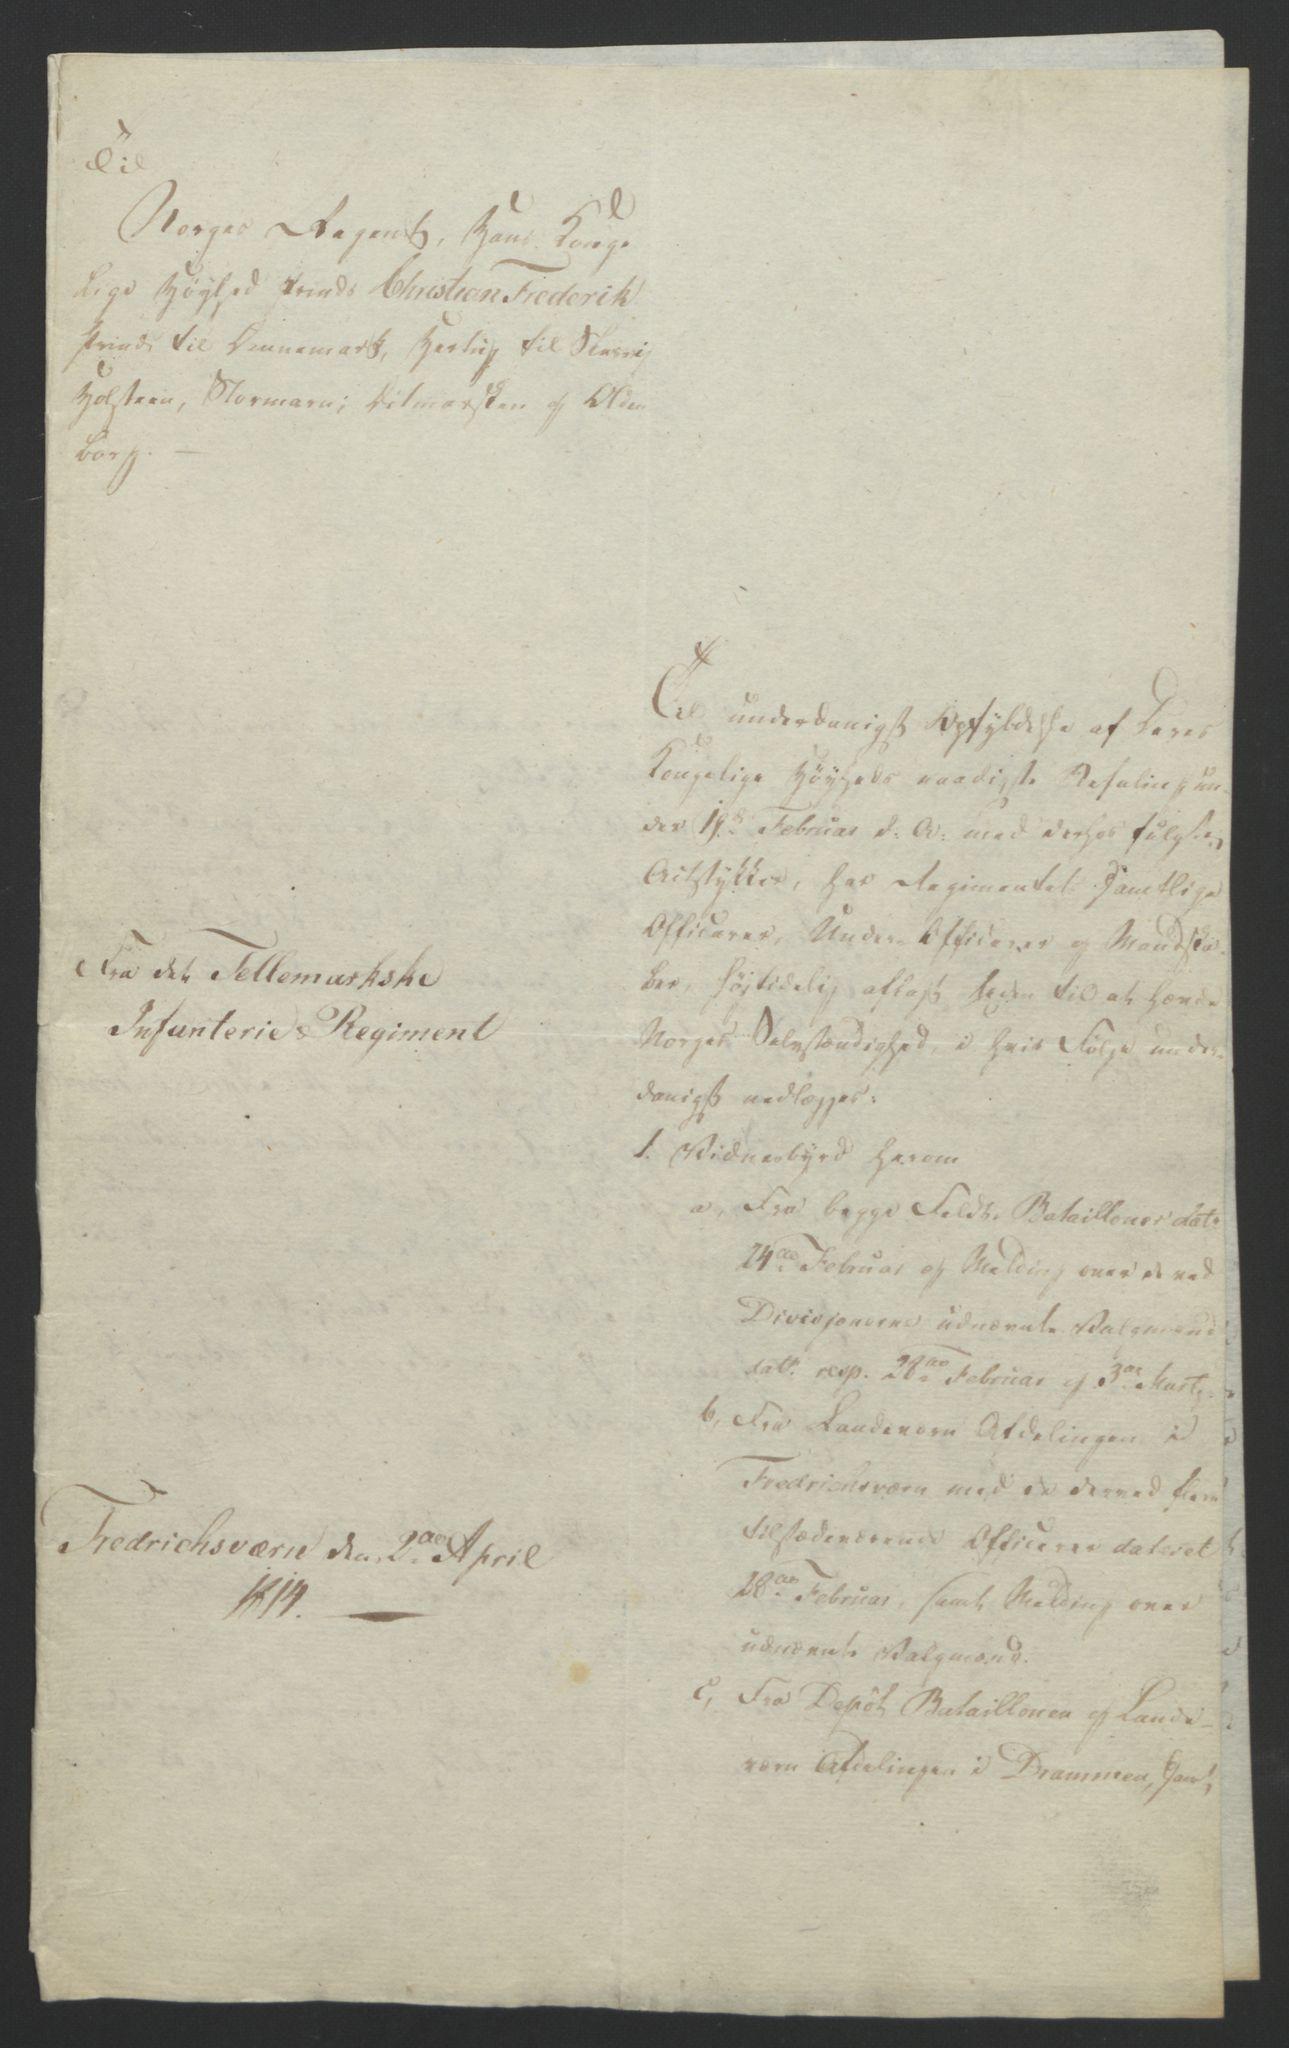 RA, Statsrådssekretariatet, D/Db/L0007: Fullmakter for Eidsvollsrepresentantene i 1814. , 1814, s. 93